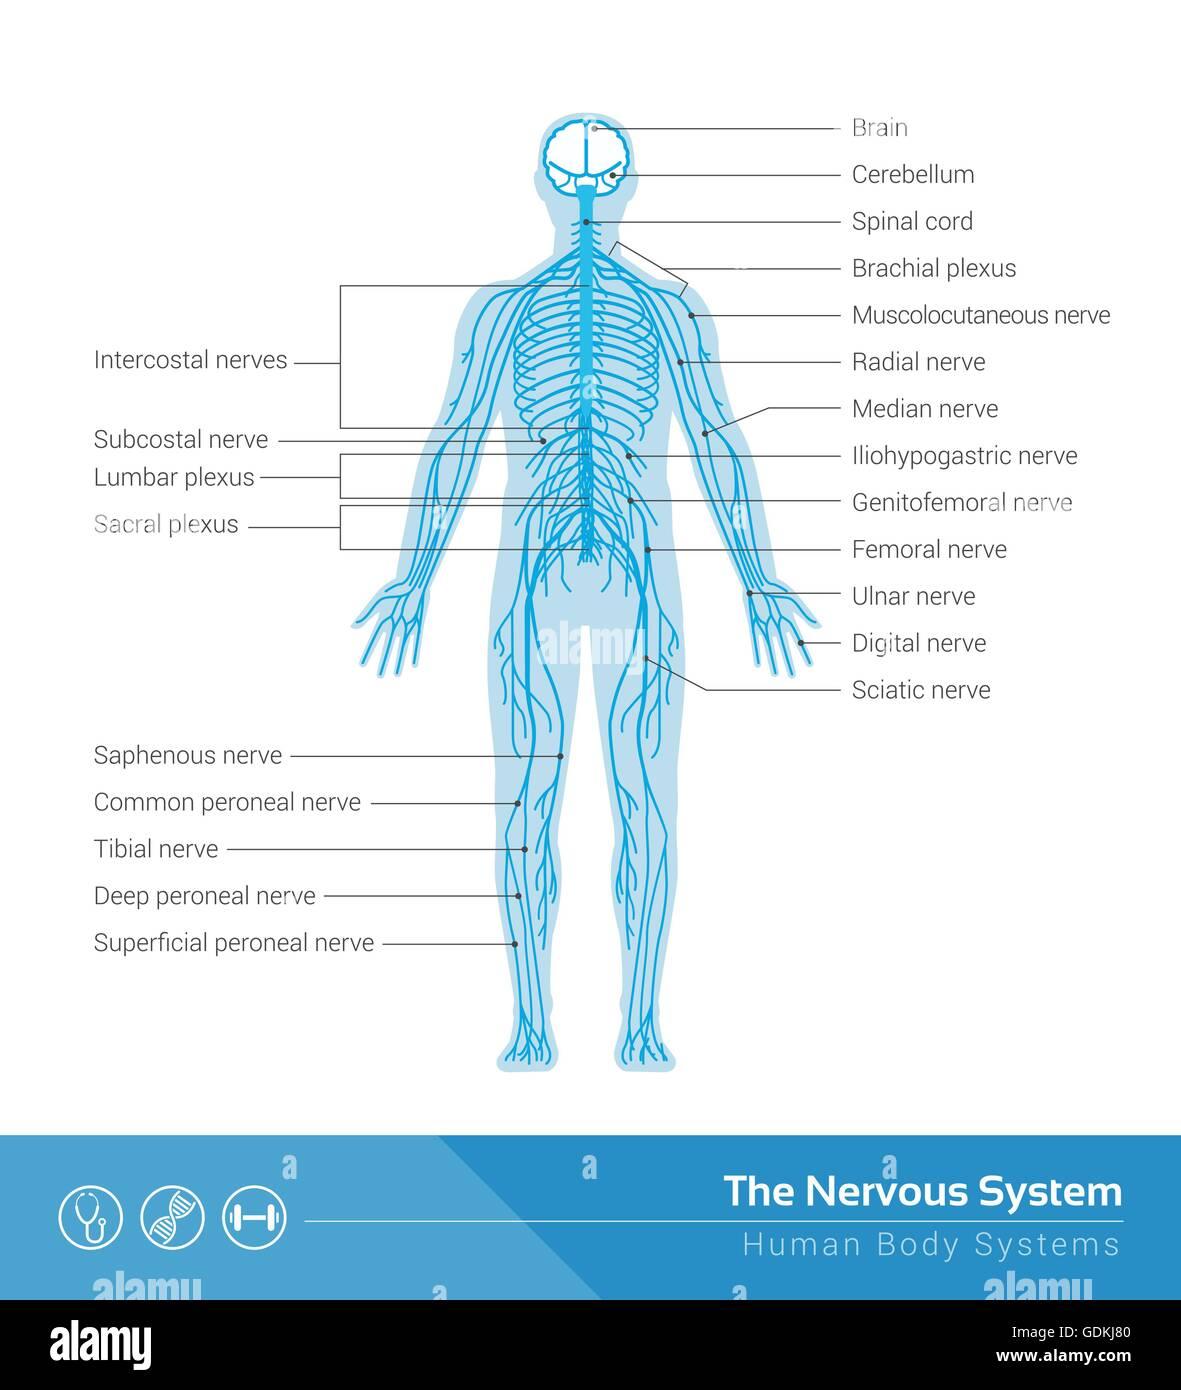 Nervous System Diagram Stockfotos & Nervous System Diagram Bilder ...